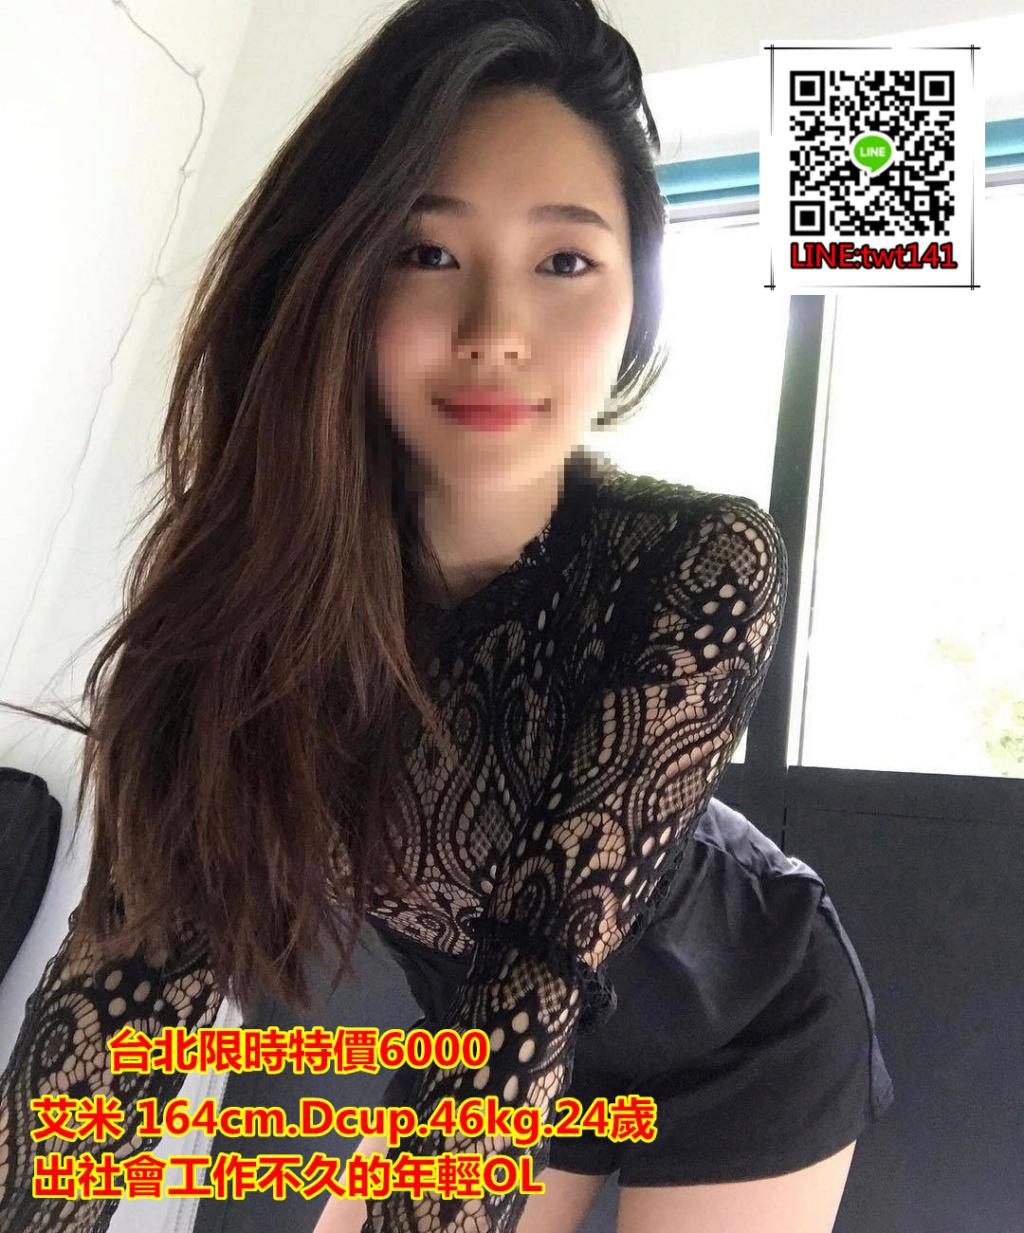 台北叫小姐賴Twt141-6K出社會工作不久的年輕OL 在工作上總是被上司騷擾 累積了許久的怒火轉換成了慾火 O25